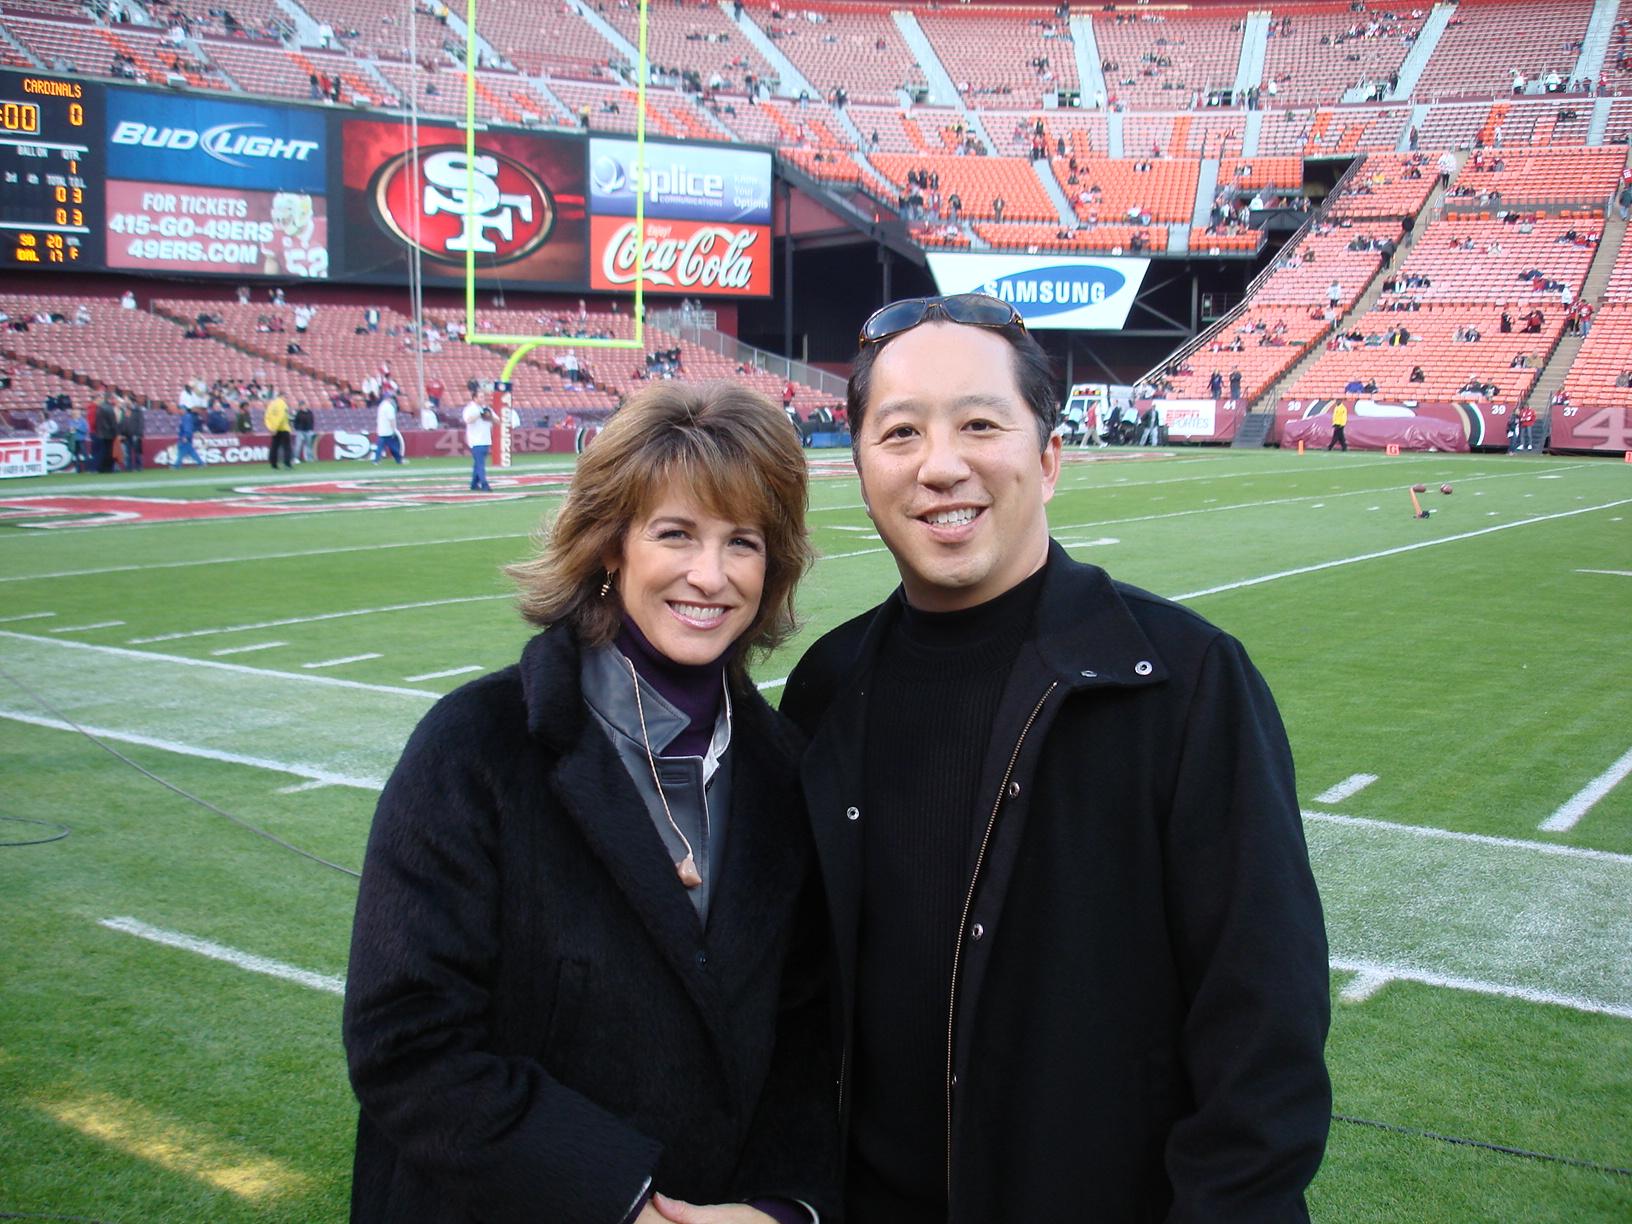 With ESPN's Suzy Kolber